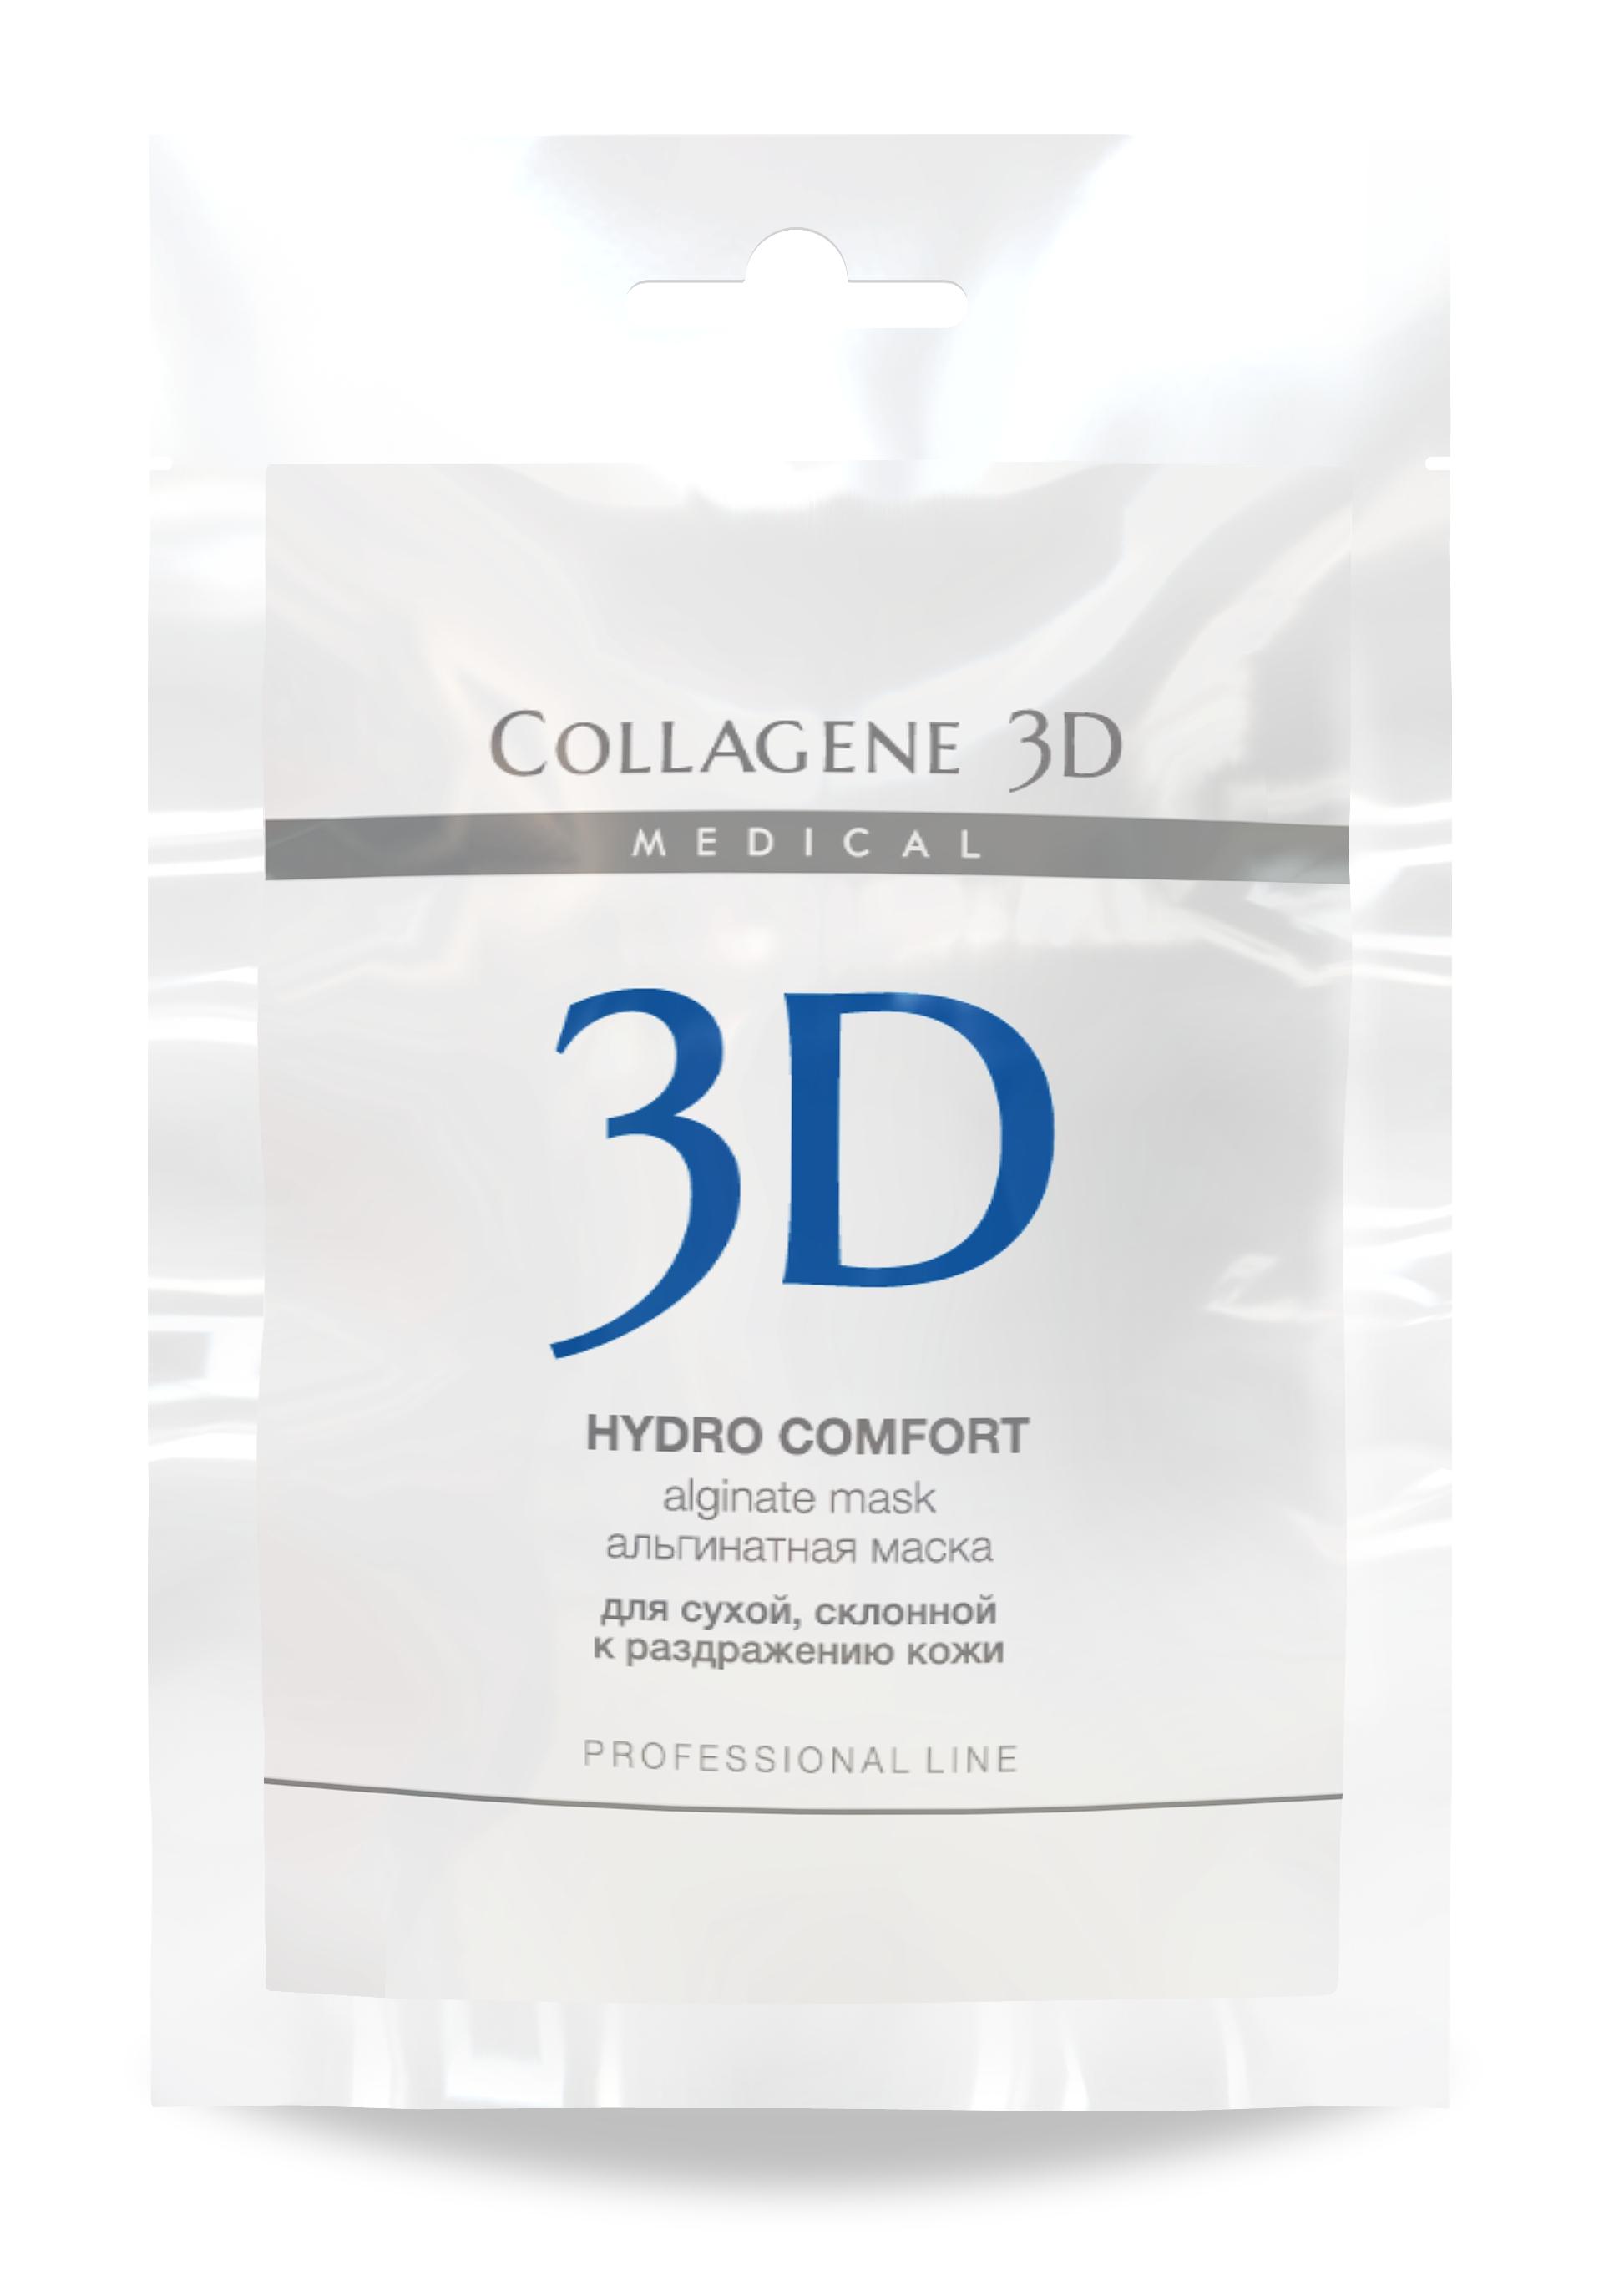 MEDICAL COLLAGENE 3D Маска альгинатная с экстрактом алое вера для лица и тела Hydro Comfort 30грМаски<br>Для ускоренного снятия воспаления и раздражения кожи рекомендуется использовать альгинатную маску HYDRO COMFORT с экстрактом Алоэ вера. Чистая альгинатная масса сама по себе интенсивно увлажняет, разглаживает, оказывает дренажное действие, стимулирует кровообращение, что позволяет добиться впечатляющих результатов при проведении экспресс-процедур. Наши технологи взяли лучшее сырье французского производства и усилили его современными активными компонентами для достижения направленного эффекта от процедуры. Экстракт Алоэ вера, входящий в состав альгинатной маски, является биогенным стимулятором обновления, содержит полисахариды, гликопротеиды, флавоноиды, ферменты, витамины и другие природные активные вещества, поэтому ускоряет клеточный обмен, обладает увлажняющим, бактерицидным, противовоспалительным действием, восстанавливает целостность кожного покрова, насыщает витаминами и микроэлементами. Активные ингредиенты: альгинат натрия, экстракт Алоэ вера. Способ применения: перед применением альгинатной маски рекомендуется в качестве концентрата на очищенную кожу нанести коллагеновую гель-маску серии MEDICAL COLLAGENE 3D и сделать легкий массаж. Альгинатную маску подготовить непосредственно перед применением. Порошок смешать с водой комнатной температуры (20-25 С) в пропорции 1:3 до состояния однородной массы. С помощью шпателя равномерно нанести на кожу. Через 15 минут снять маску единым пластом. В завершение процедуры протереть лицо Фитотоником NATURAL FRESH и нанести коллагеновый крем серии MEDICAL COLLAGENE 3D.<br><br>Типы кожи: Сухая и обезвоженная